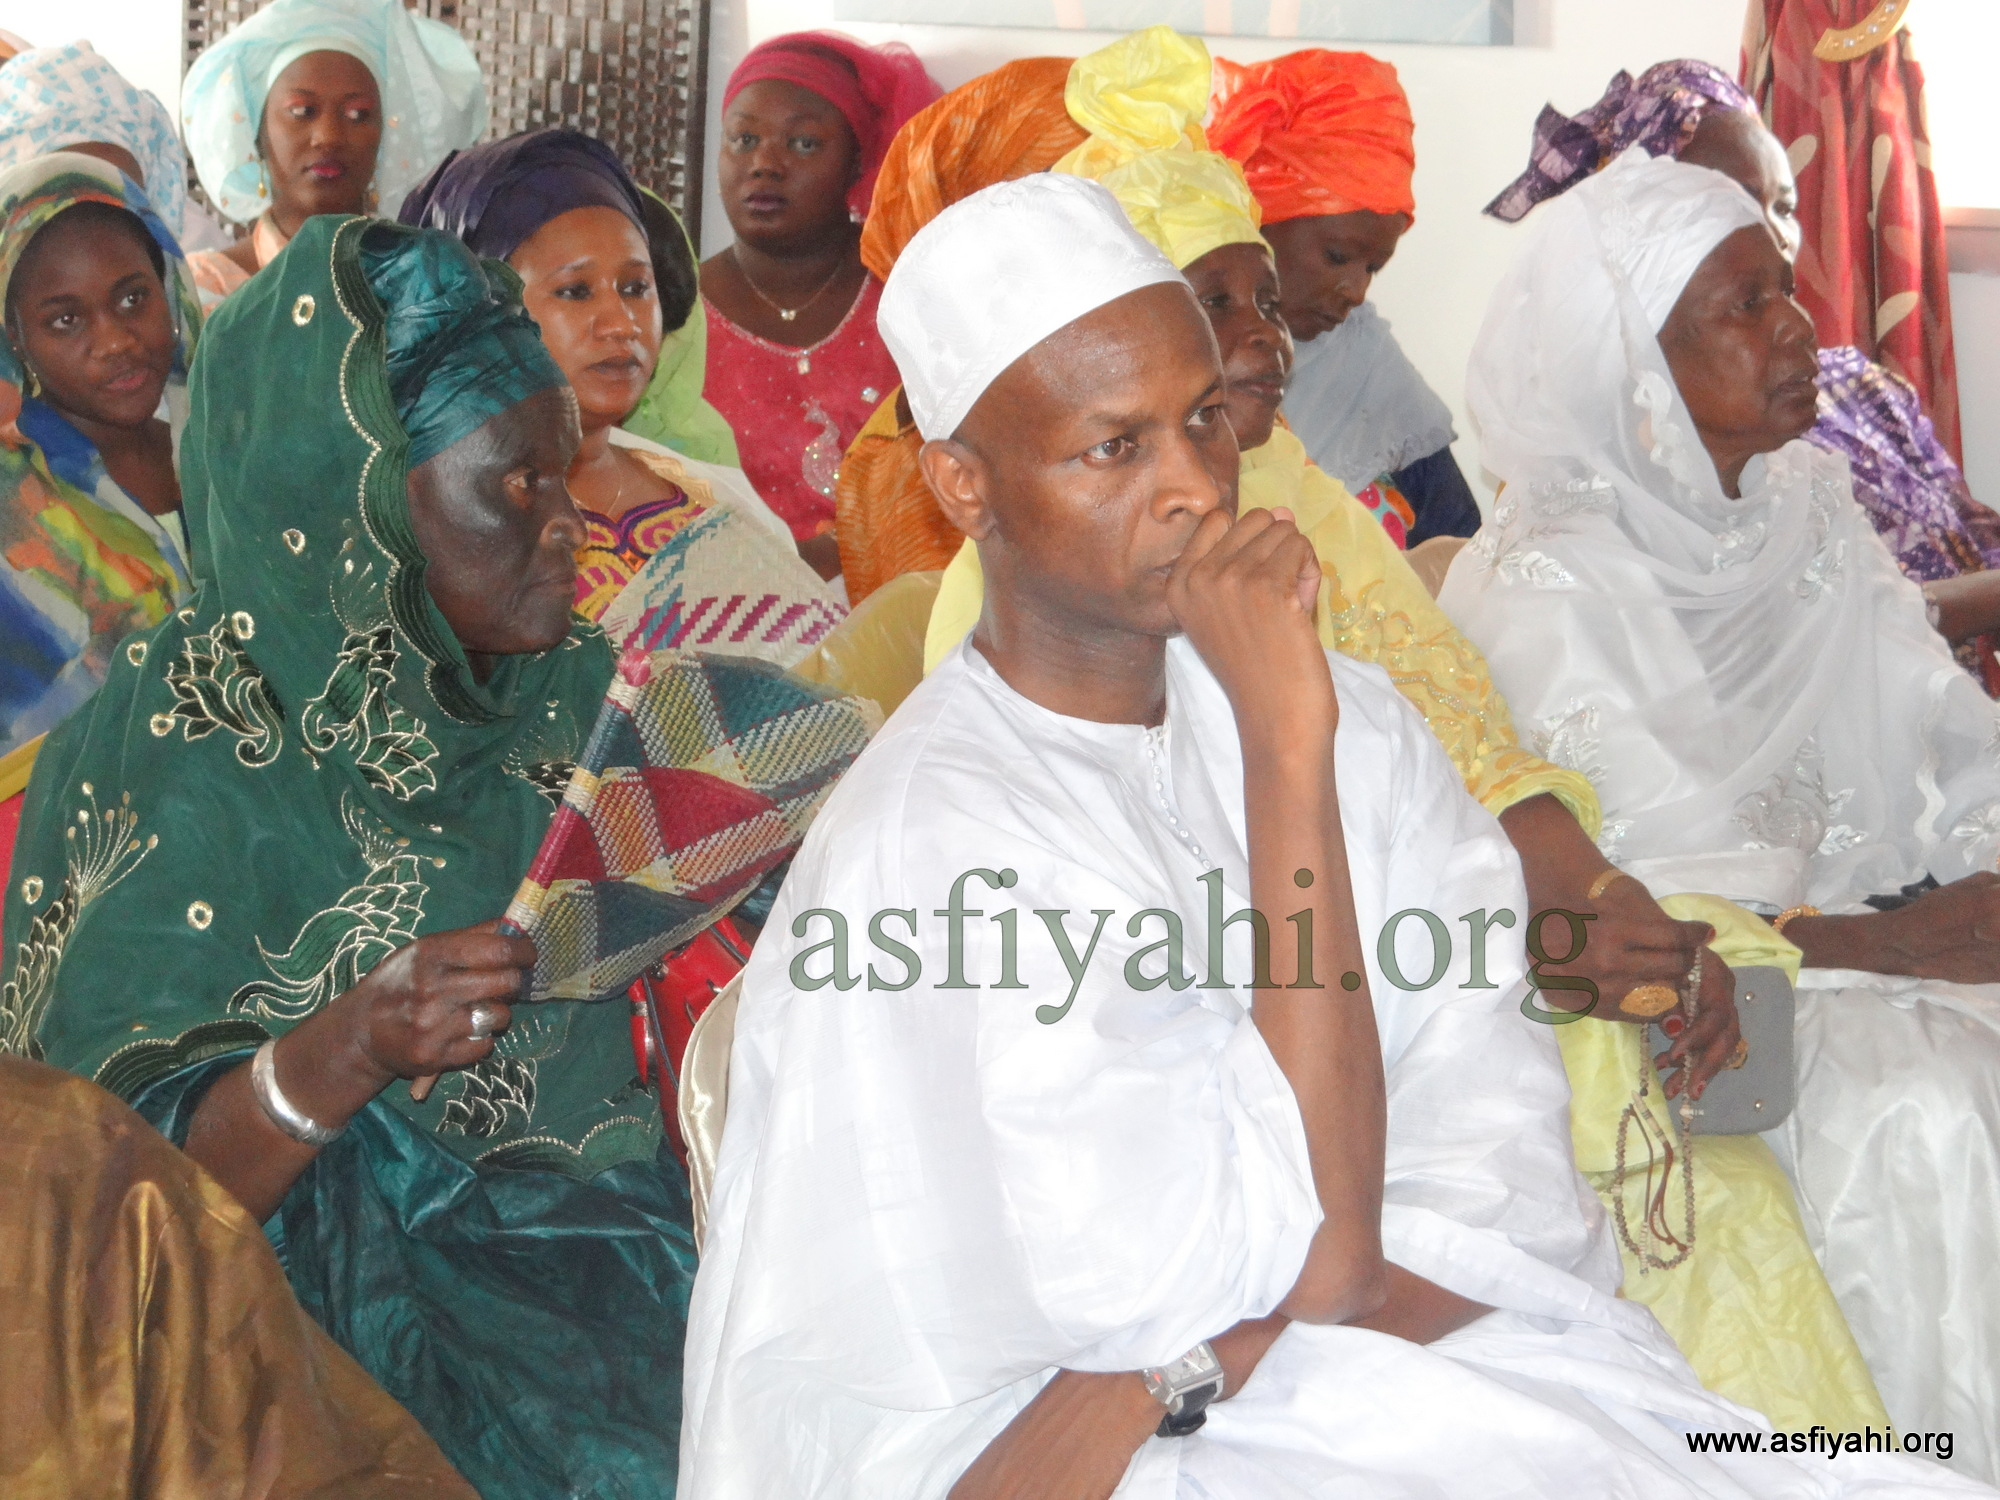 PHOTOS - Les images de la Journée de Prières organisée par Cheikh Oumar Kane et le Miroir de l'islam , Dimanche 5 Juillet 2015